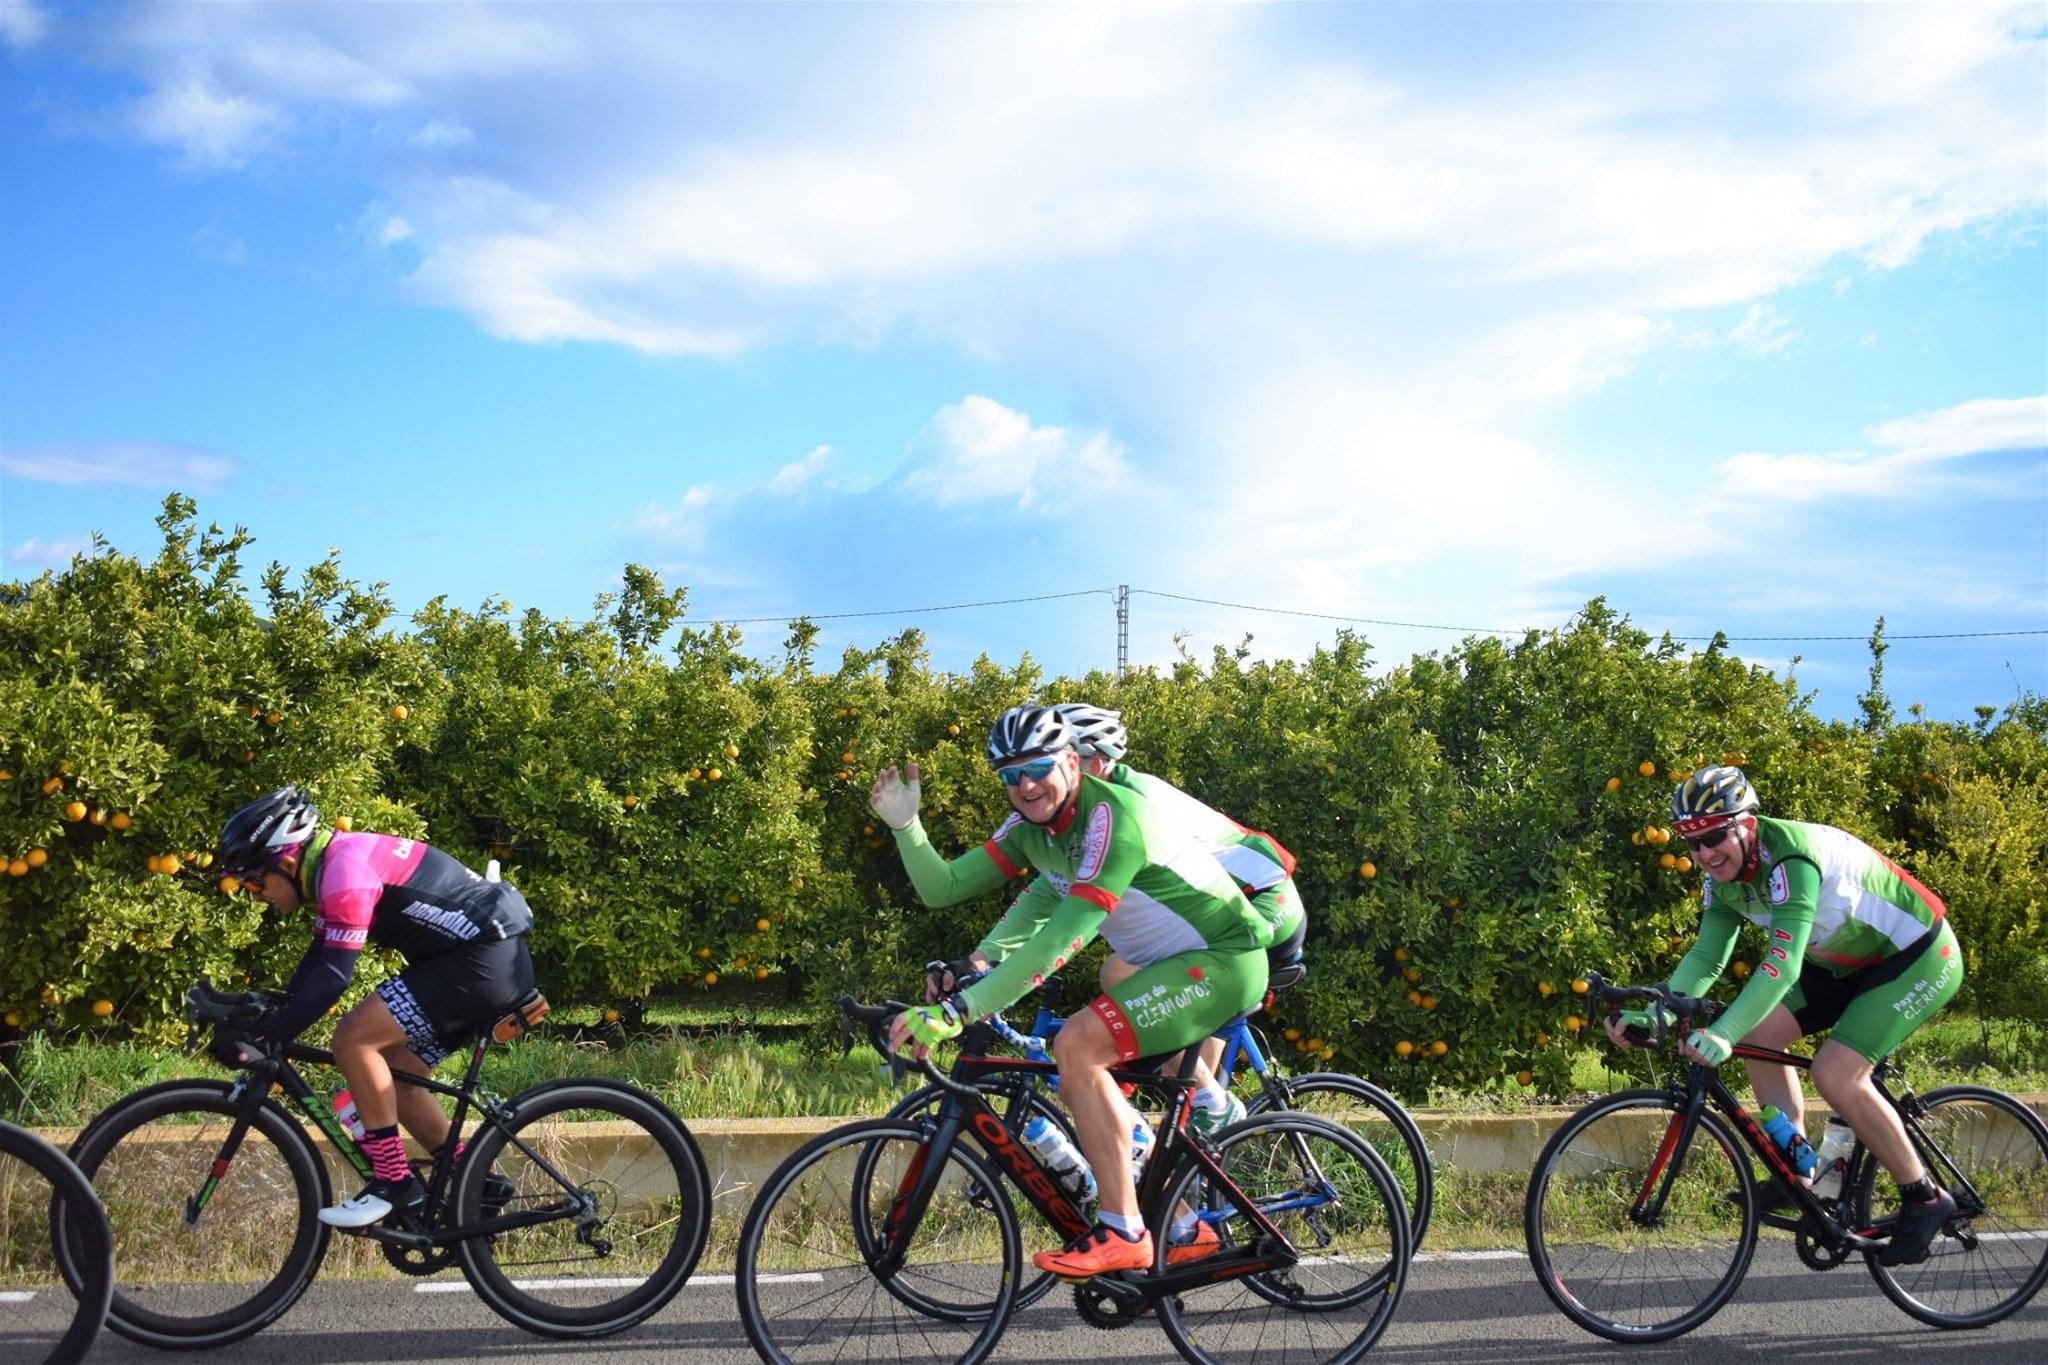 stage_fleur_doranger_espagne_cyclisme_séjour_vélo_peniscola_viajes_bici_maestrat2